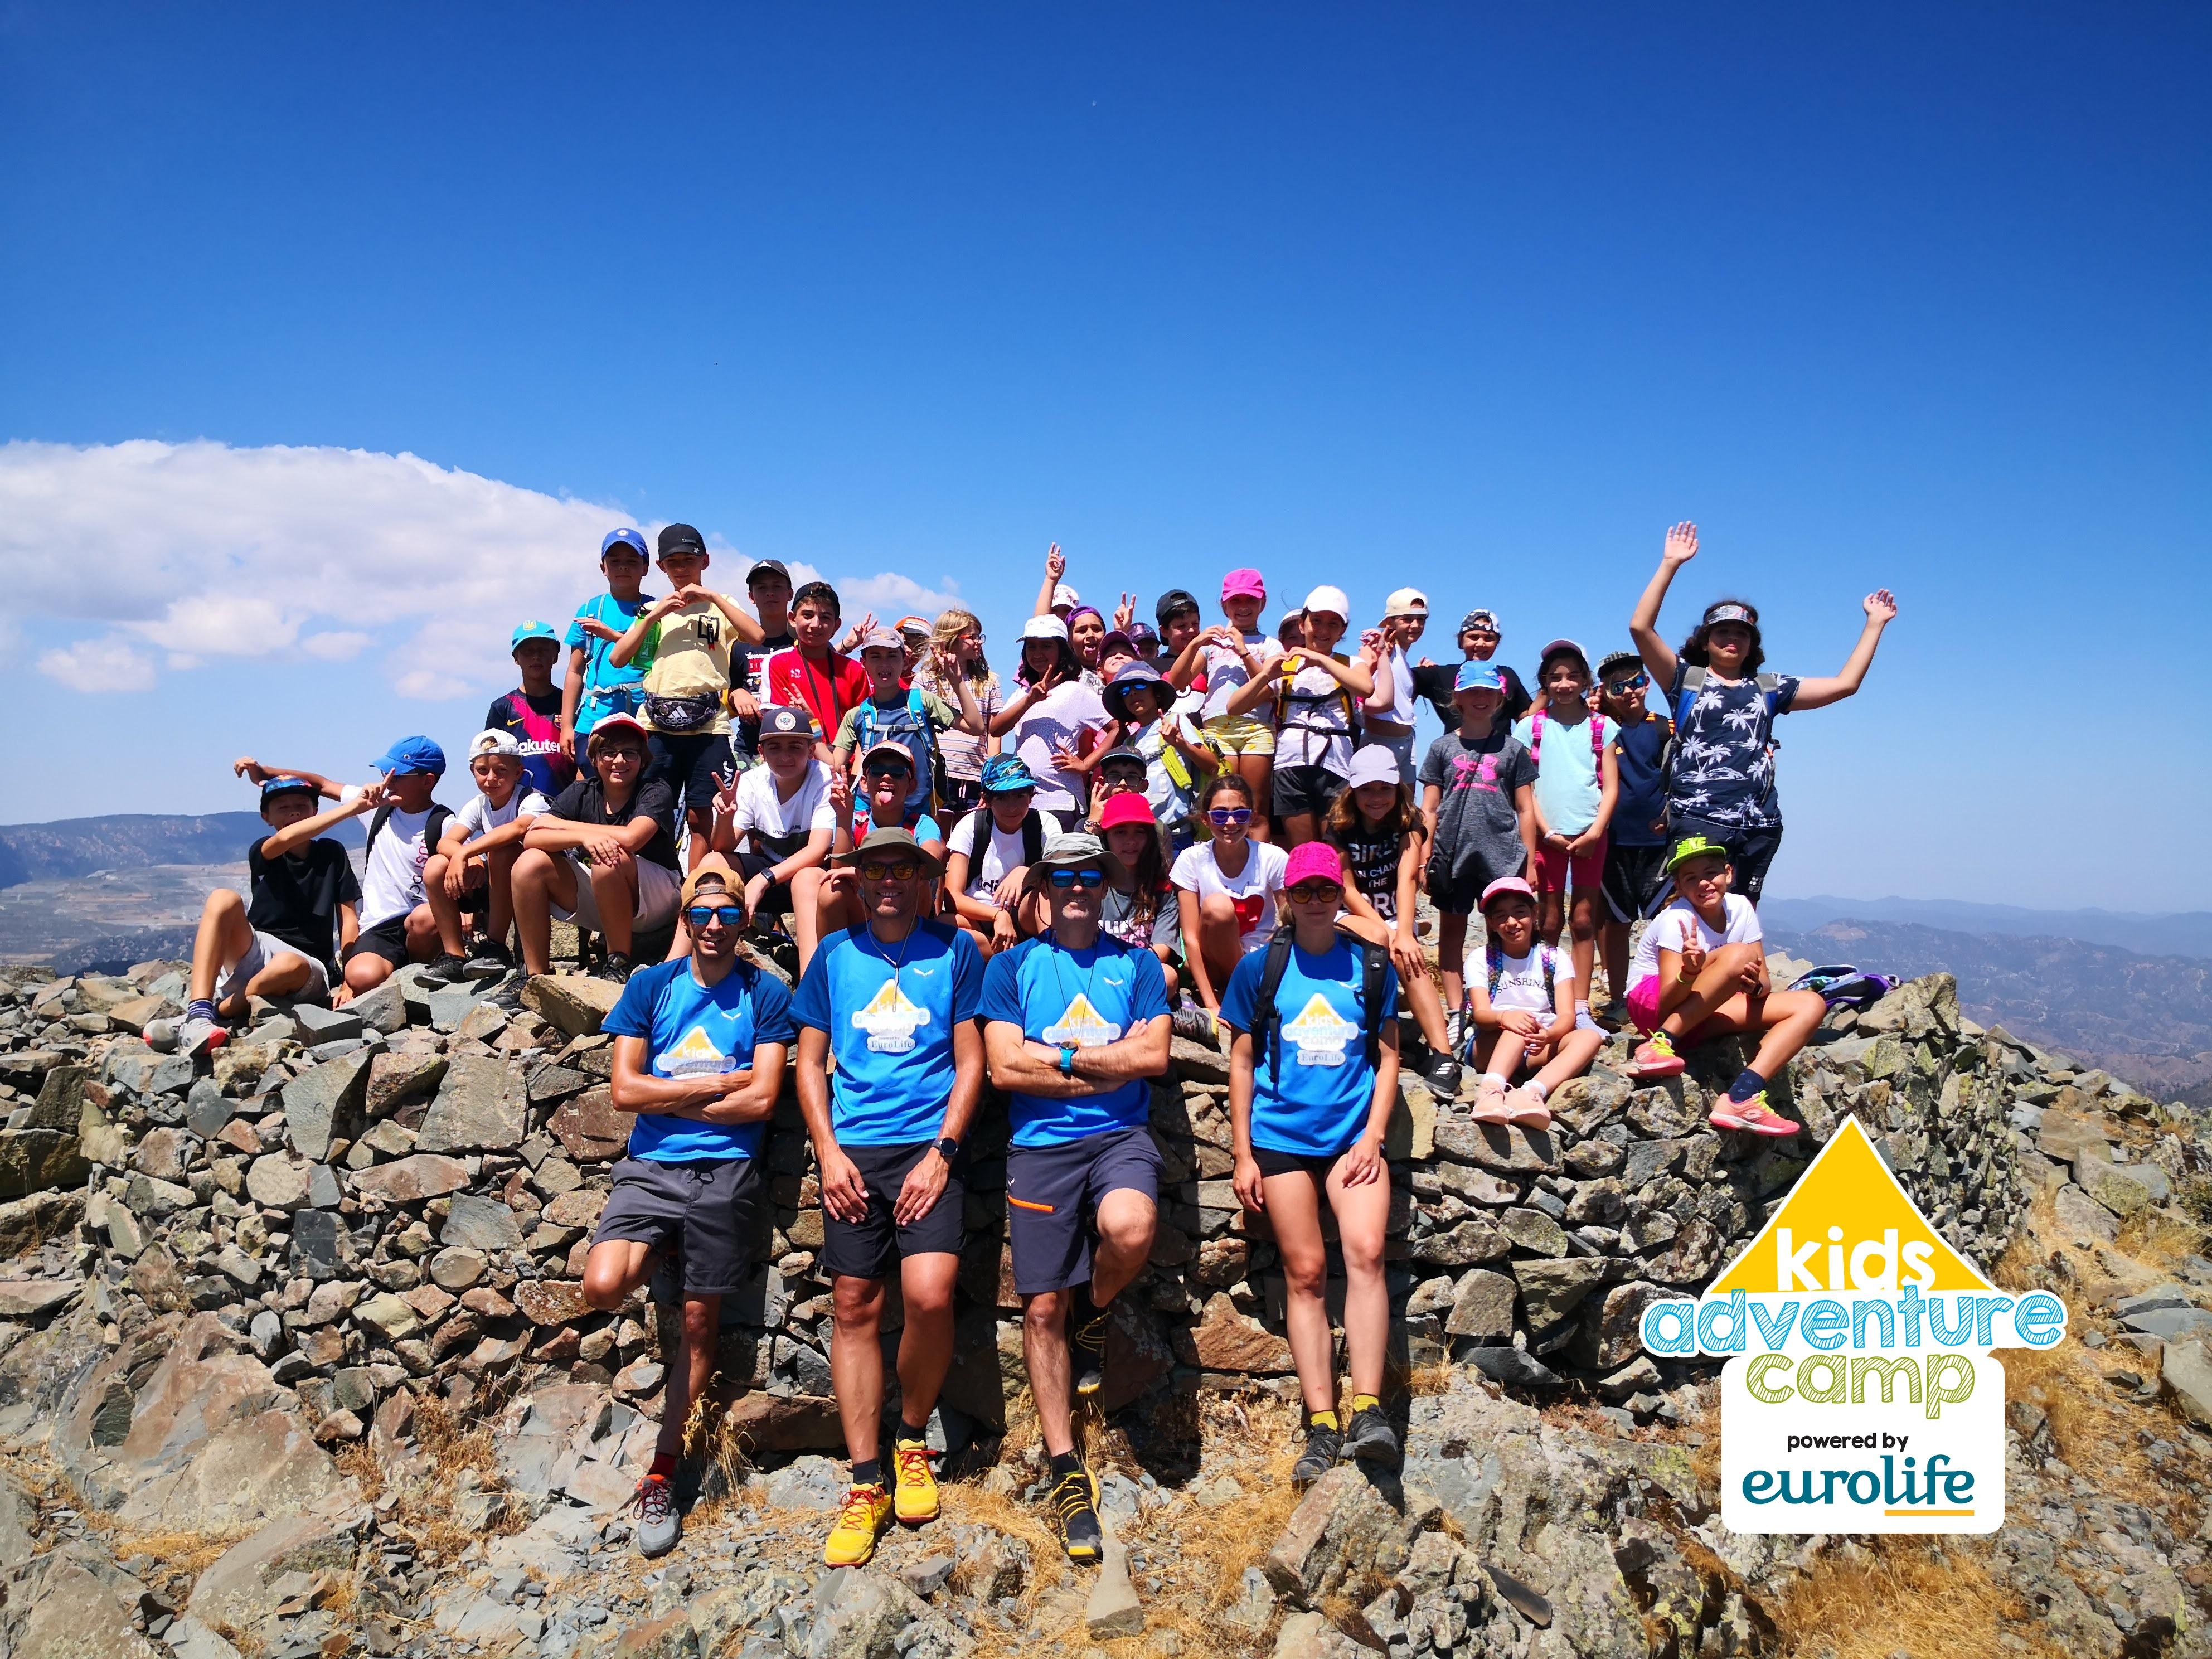 Kids Adventure Camp powered by Eurolife: Eμπειρίες ζωής!